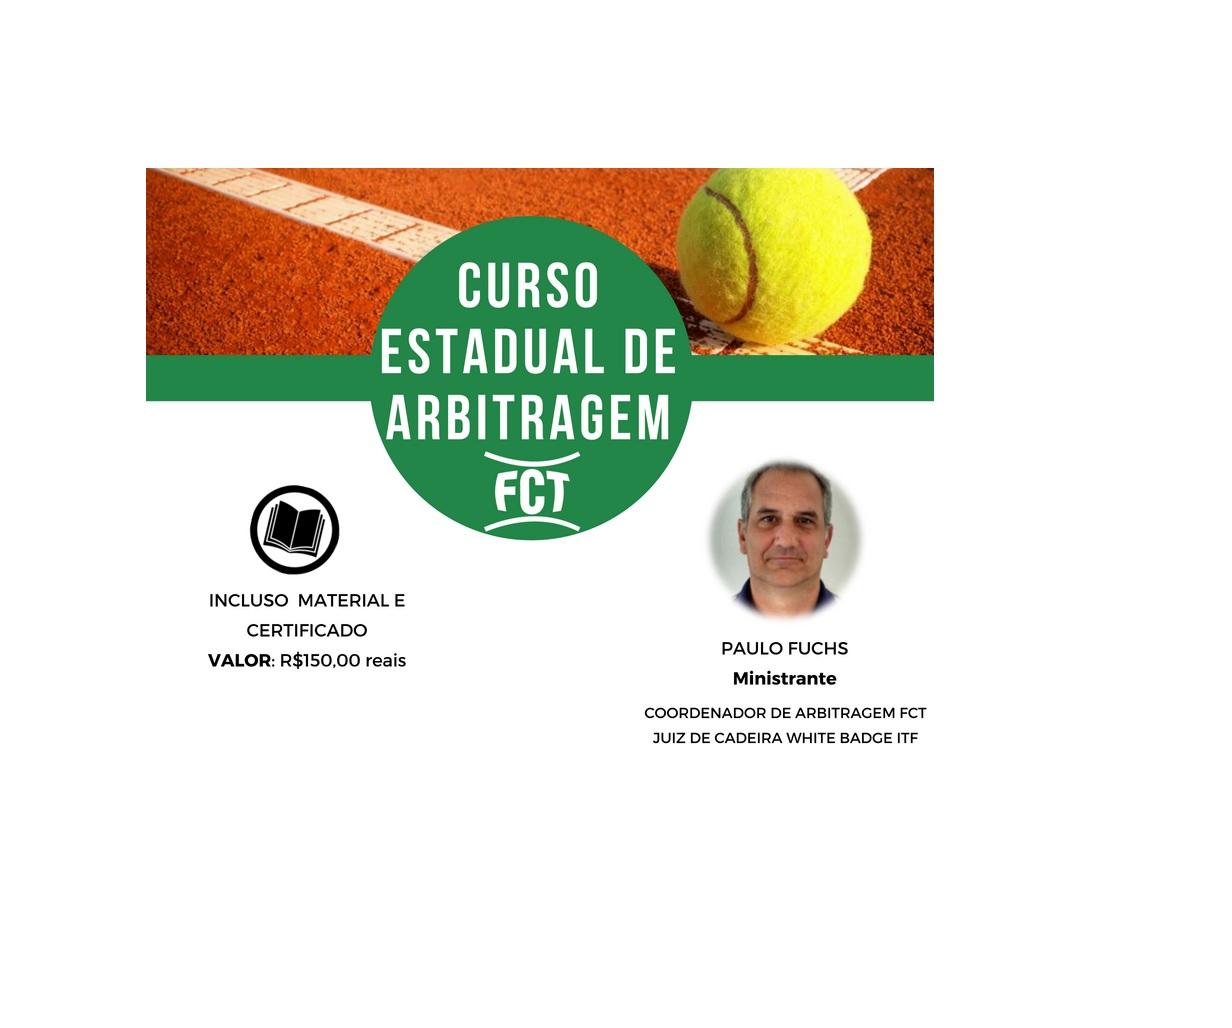 ENCERRAM HOJE 10/10 INSCRIÇÕES PARA O CURSO ESTADUAL DE ARBITRAGEM DE TÊNIS– FCT